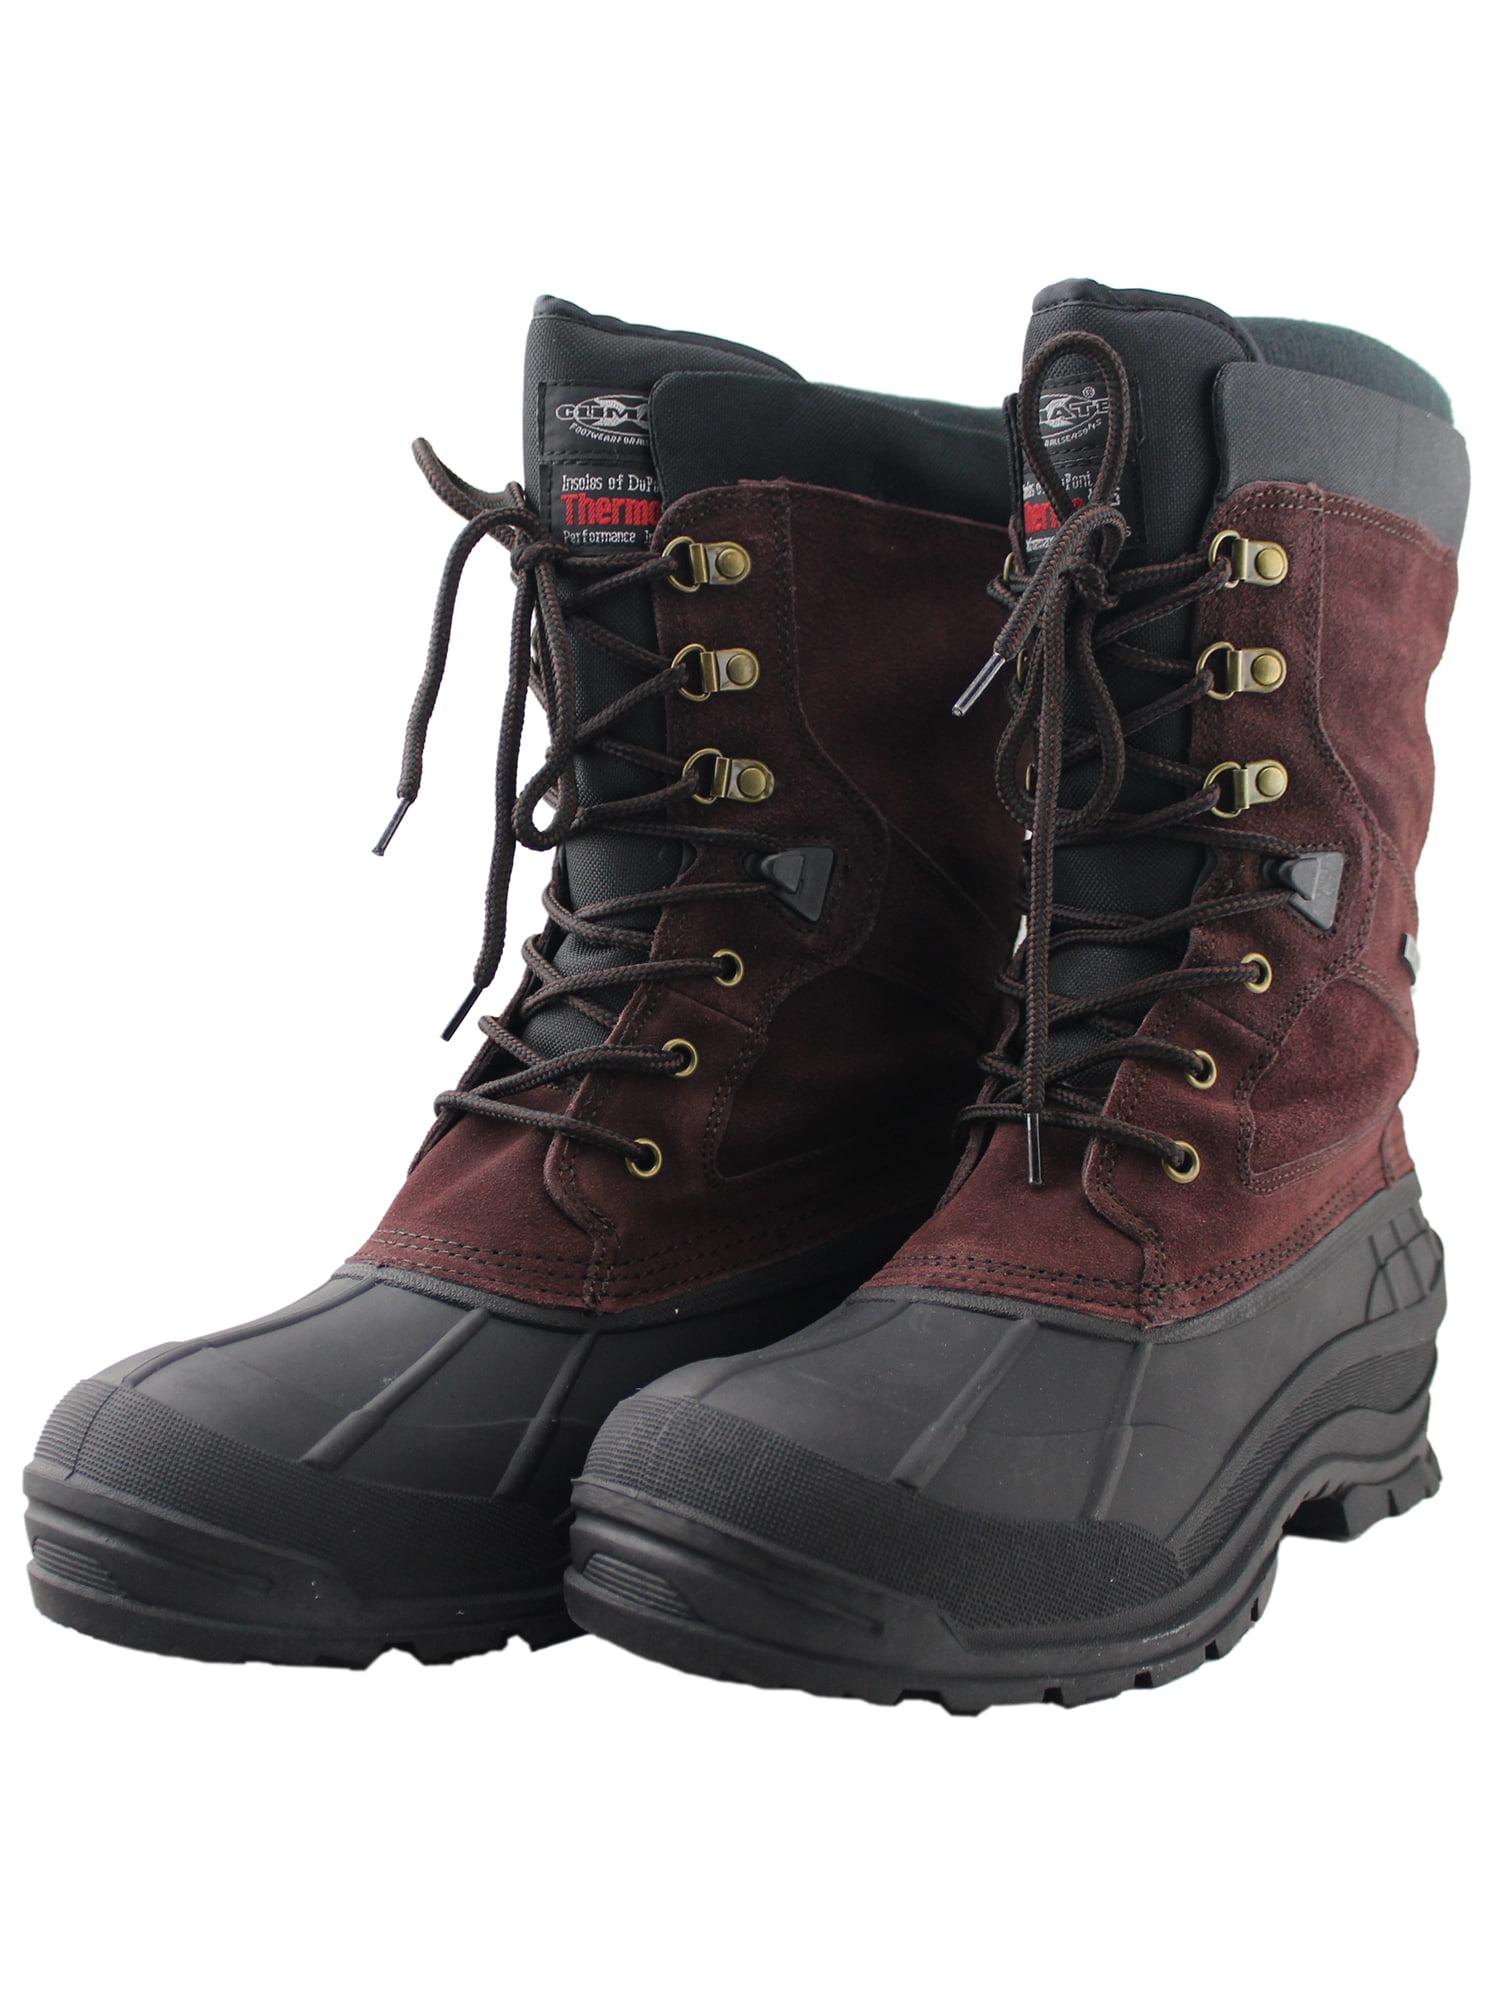 Waterproof Snow Boots for Men Slip